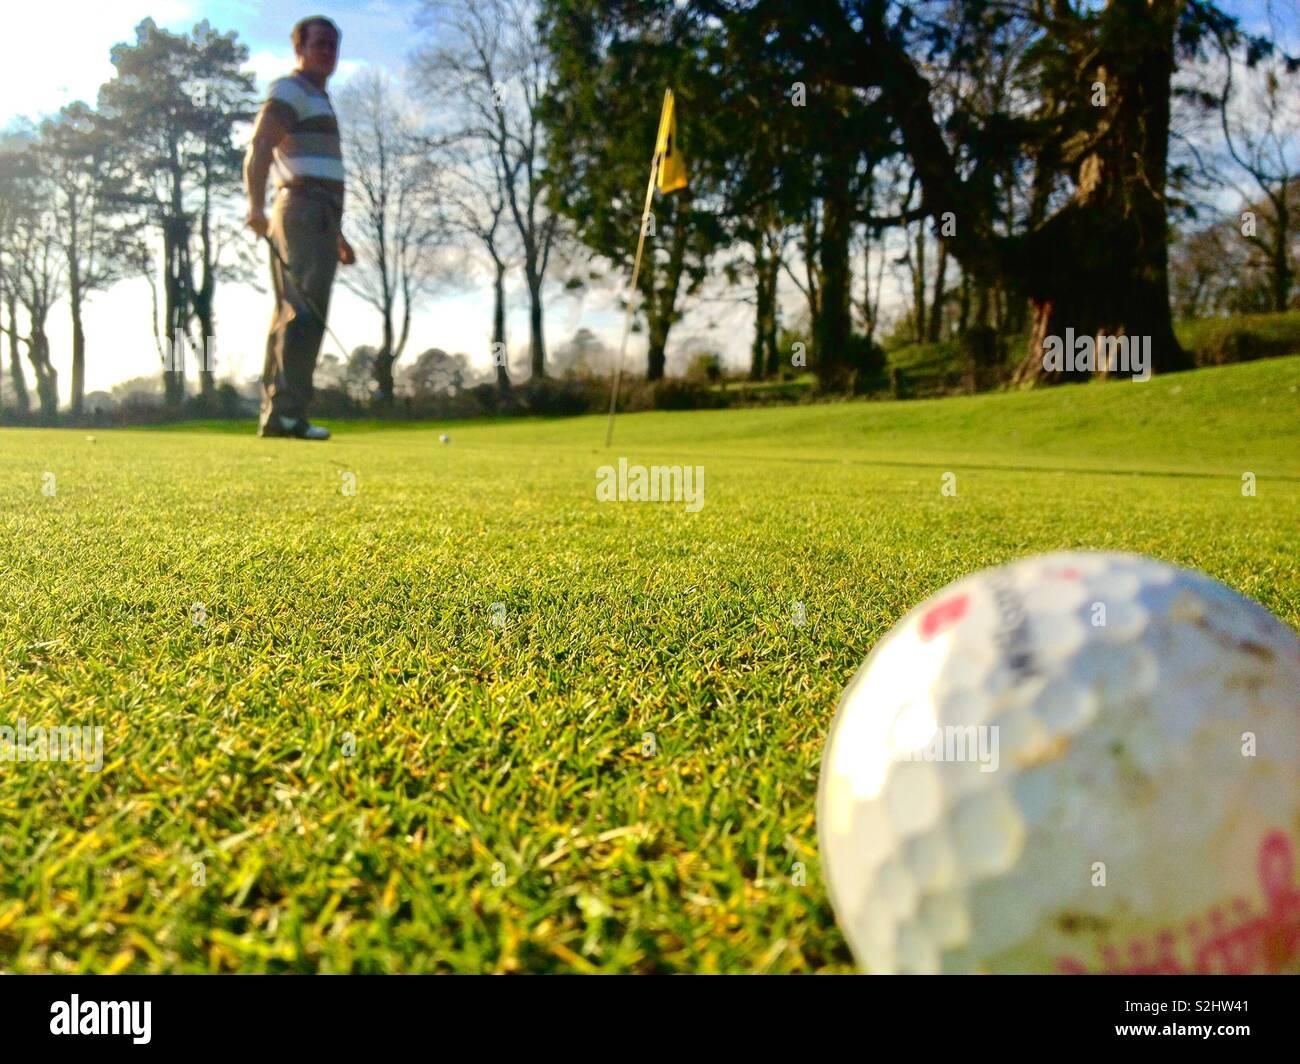 Être la balle!! Envoyer accueil Photo Stock